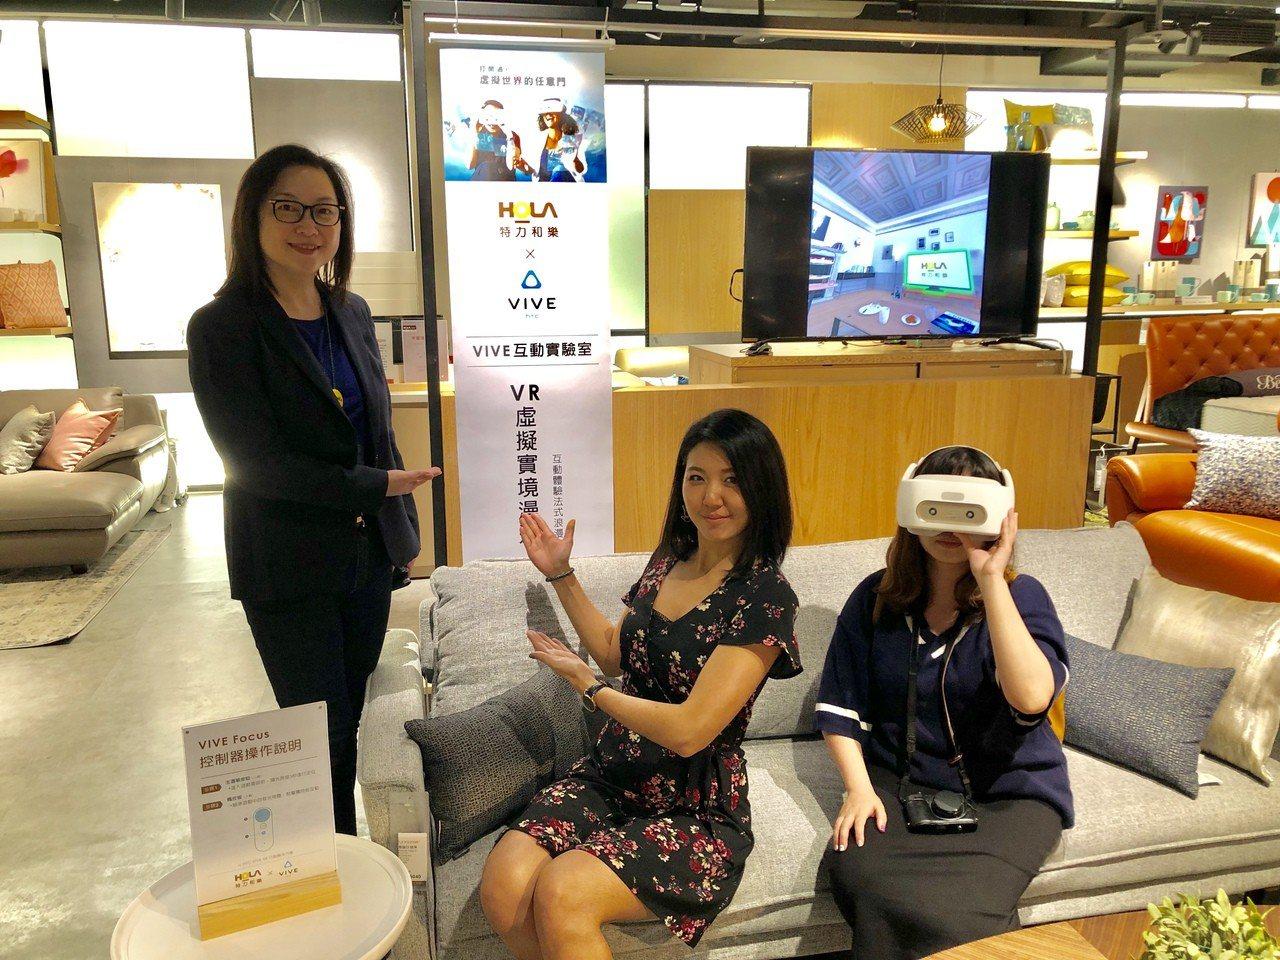 消費者來到賣場沙發區,只要坐在沙發上,並戴上HTC VIVE眼鏡裝置,便能感受猶...